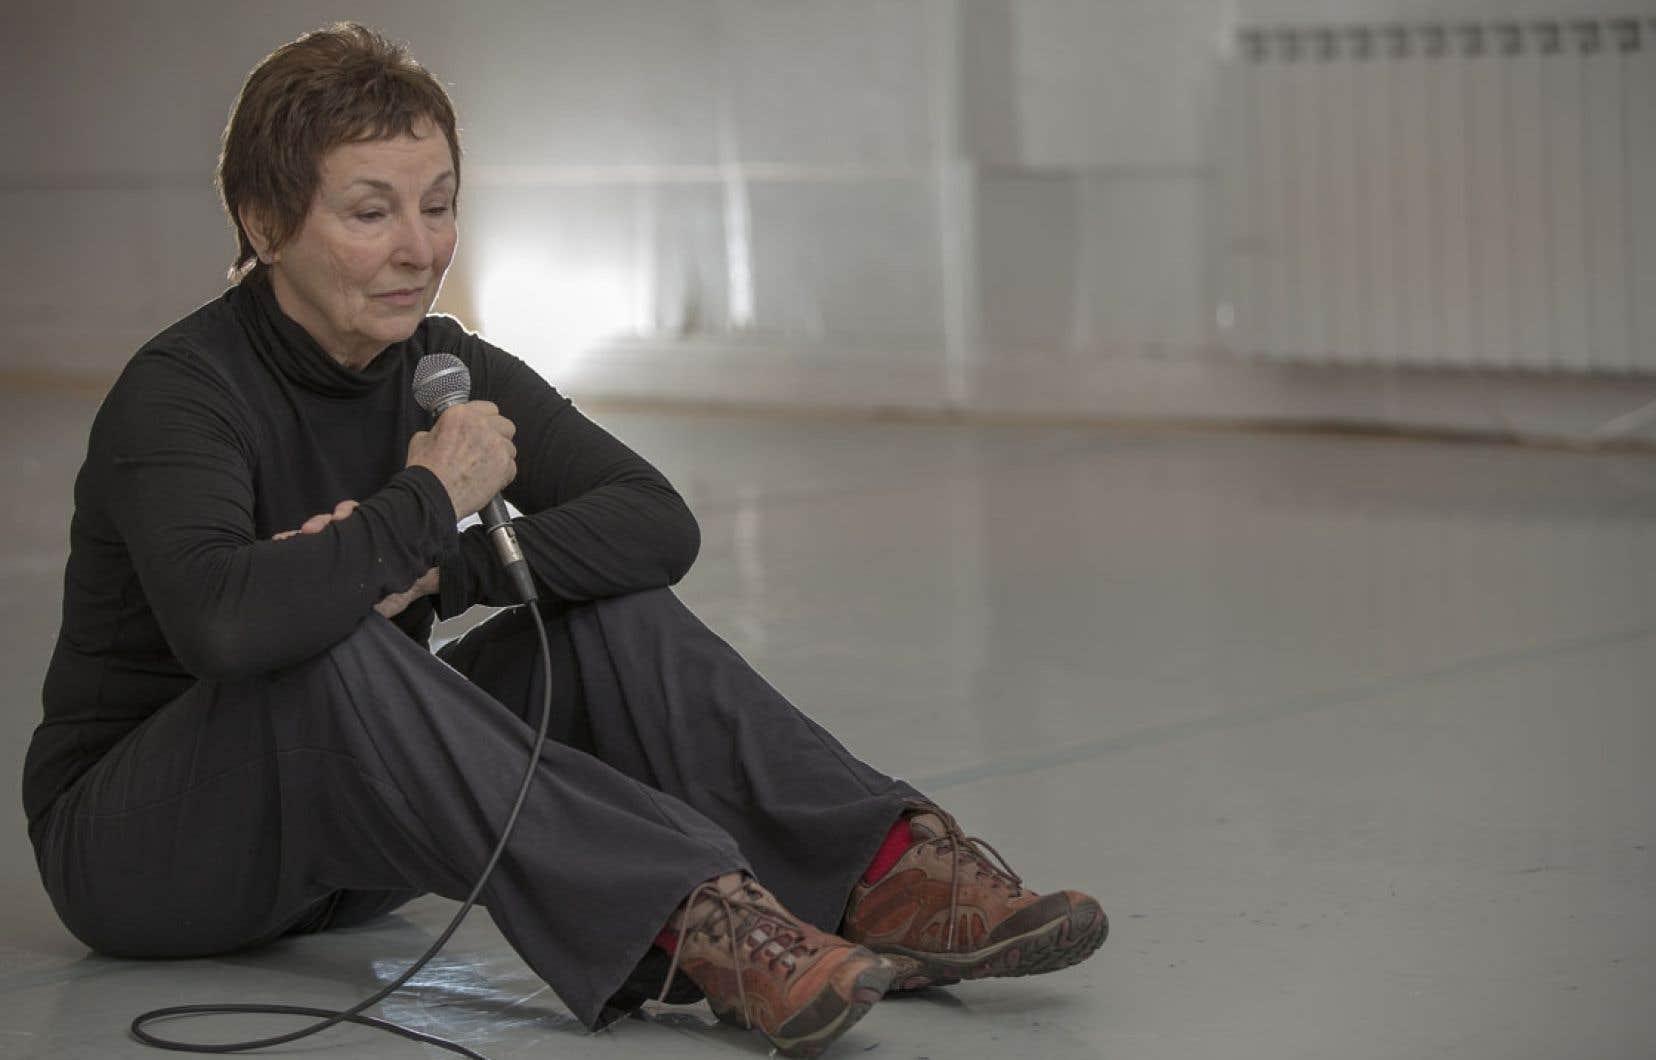 Le solo s'articule autour de deux moments de l'enfance de Michèle Febvre.